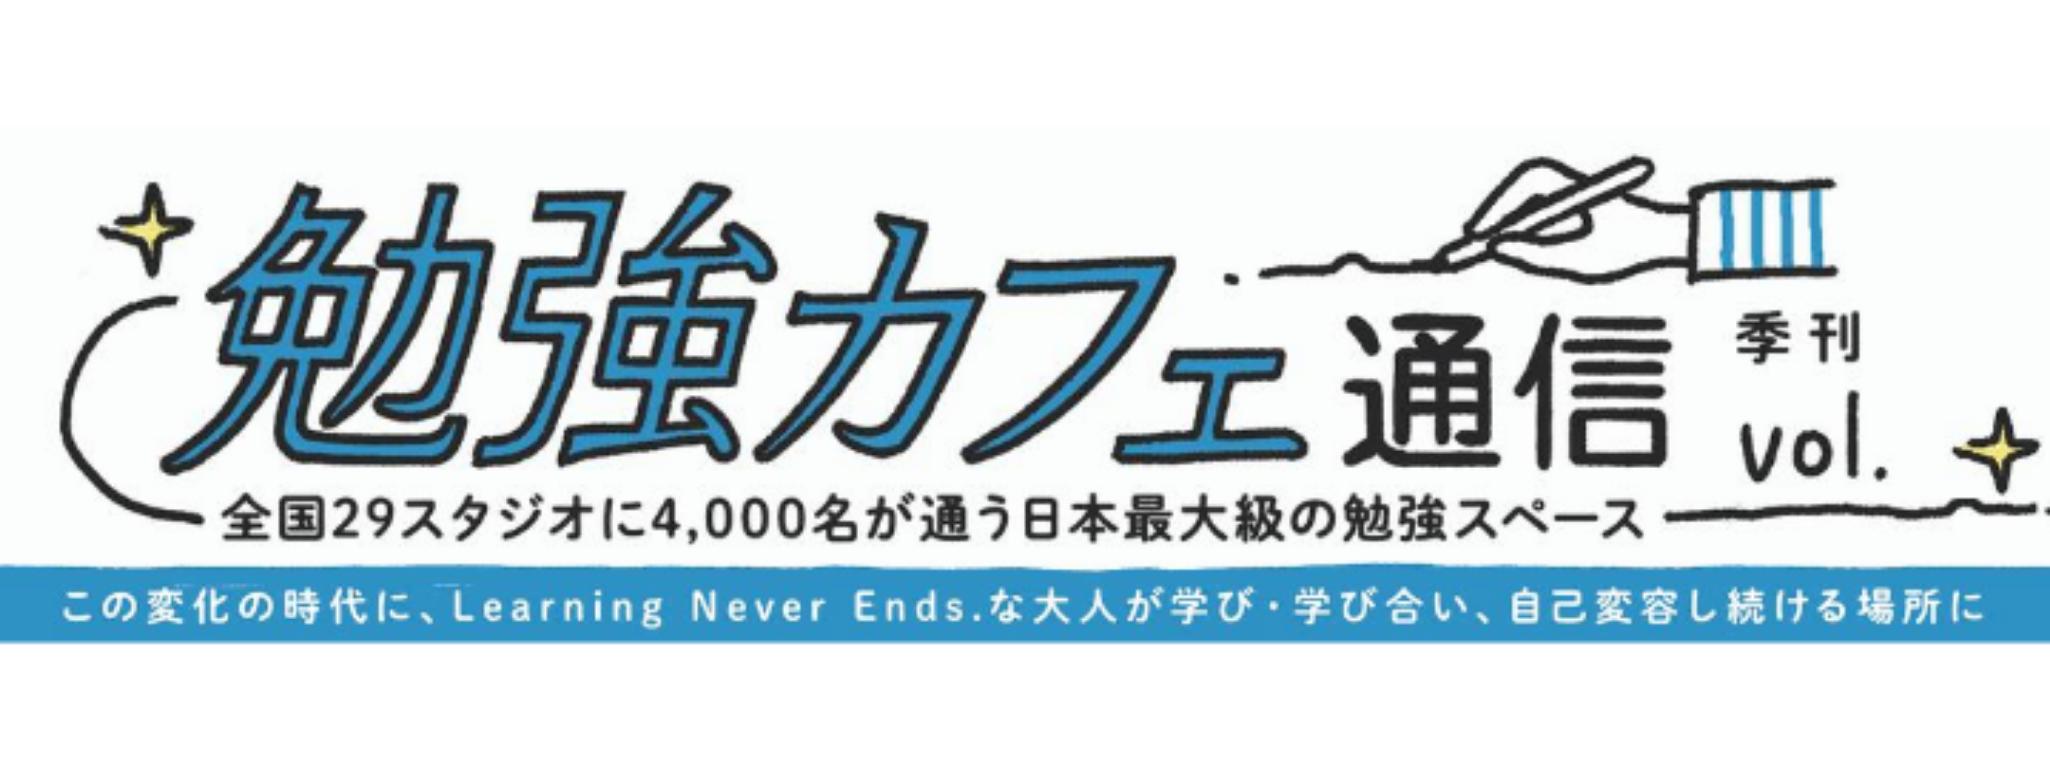 紙でお届けする「勉強カフェ通信」創刊!